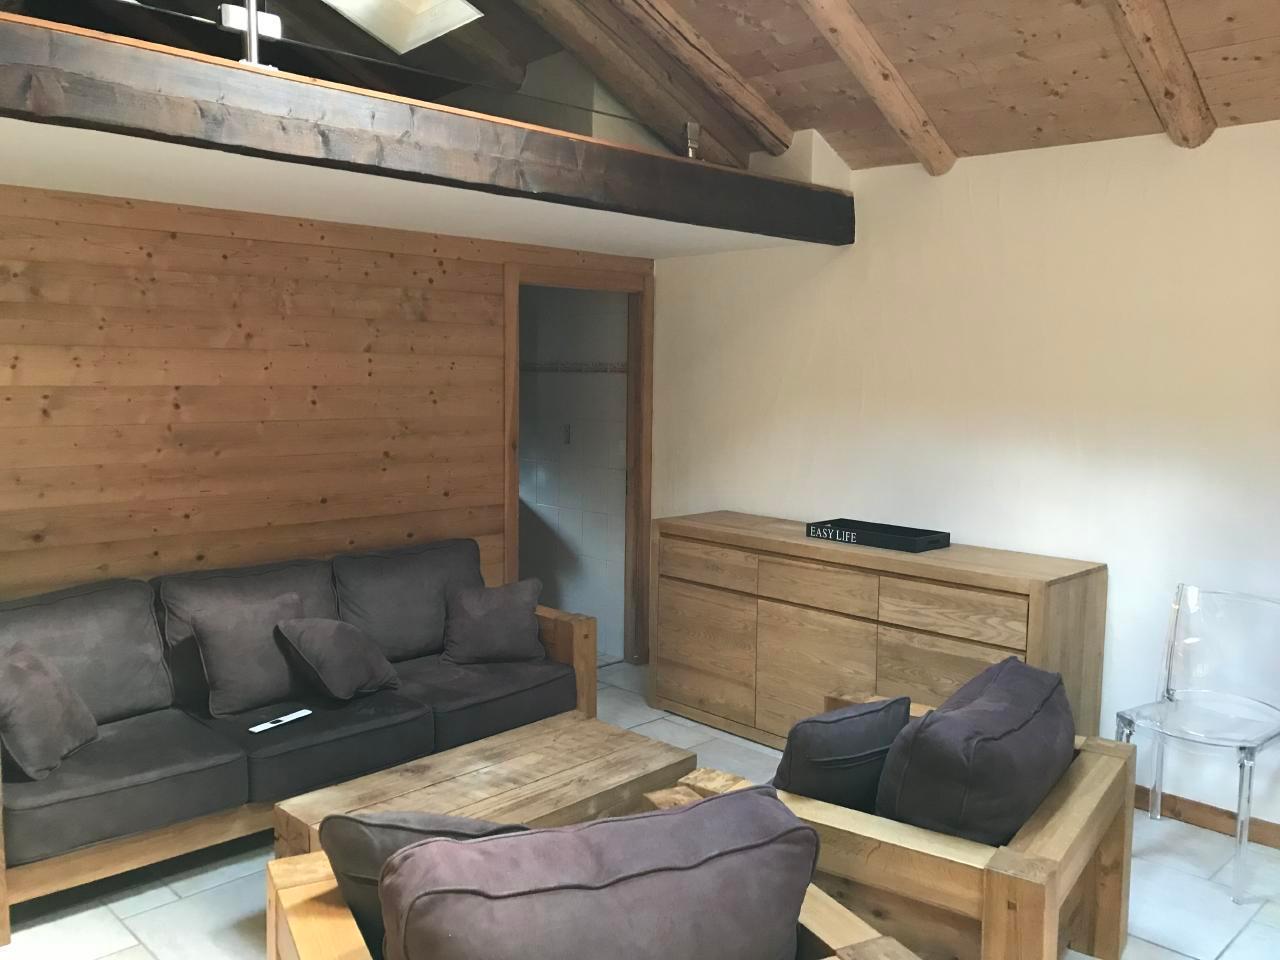 Ferienhaus Chalet Le Grandzon **** (bis 8 Personen) (2513703), Champex-Lac, Val d'Entremont, Wallis, Schweiz, Bild 4